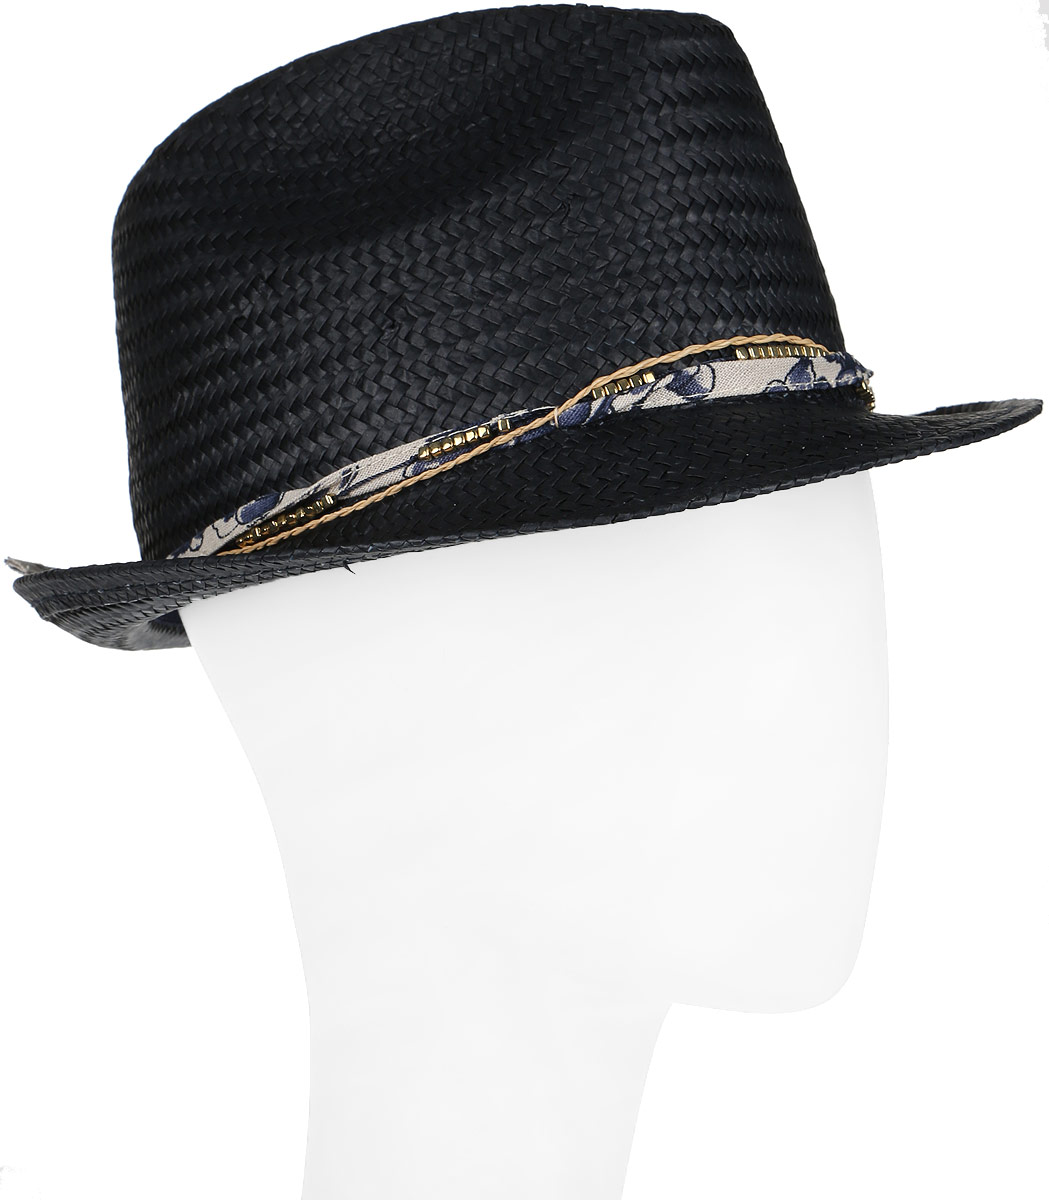 Шляпа женская Canoe Mimi, цвет: темно-синий. 1964484. Размер 561964484Женская шляпа-федора Canoe Mimi непременно украсит любой наряд.Шляпа из искусственной соломы вокруг тульи оформлена интересным переплетением. Благодаря своей форме, шляпа удобно садится по голове и подойдет к любому стилю. Плетение шляпы позволяет ей пропускать воздух, что обеспечивает необходимую вентиляцию.Такая шляпа подчеркнет вашу неповторимость и дополнит ваш повседневный образ.